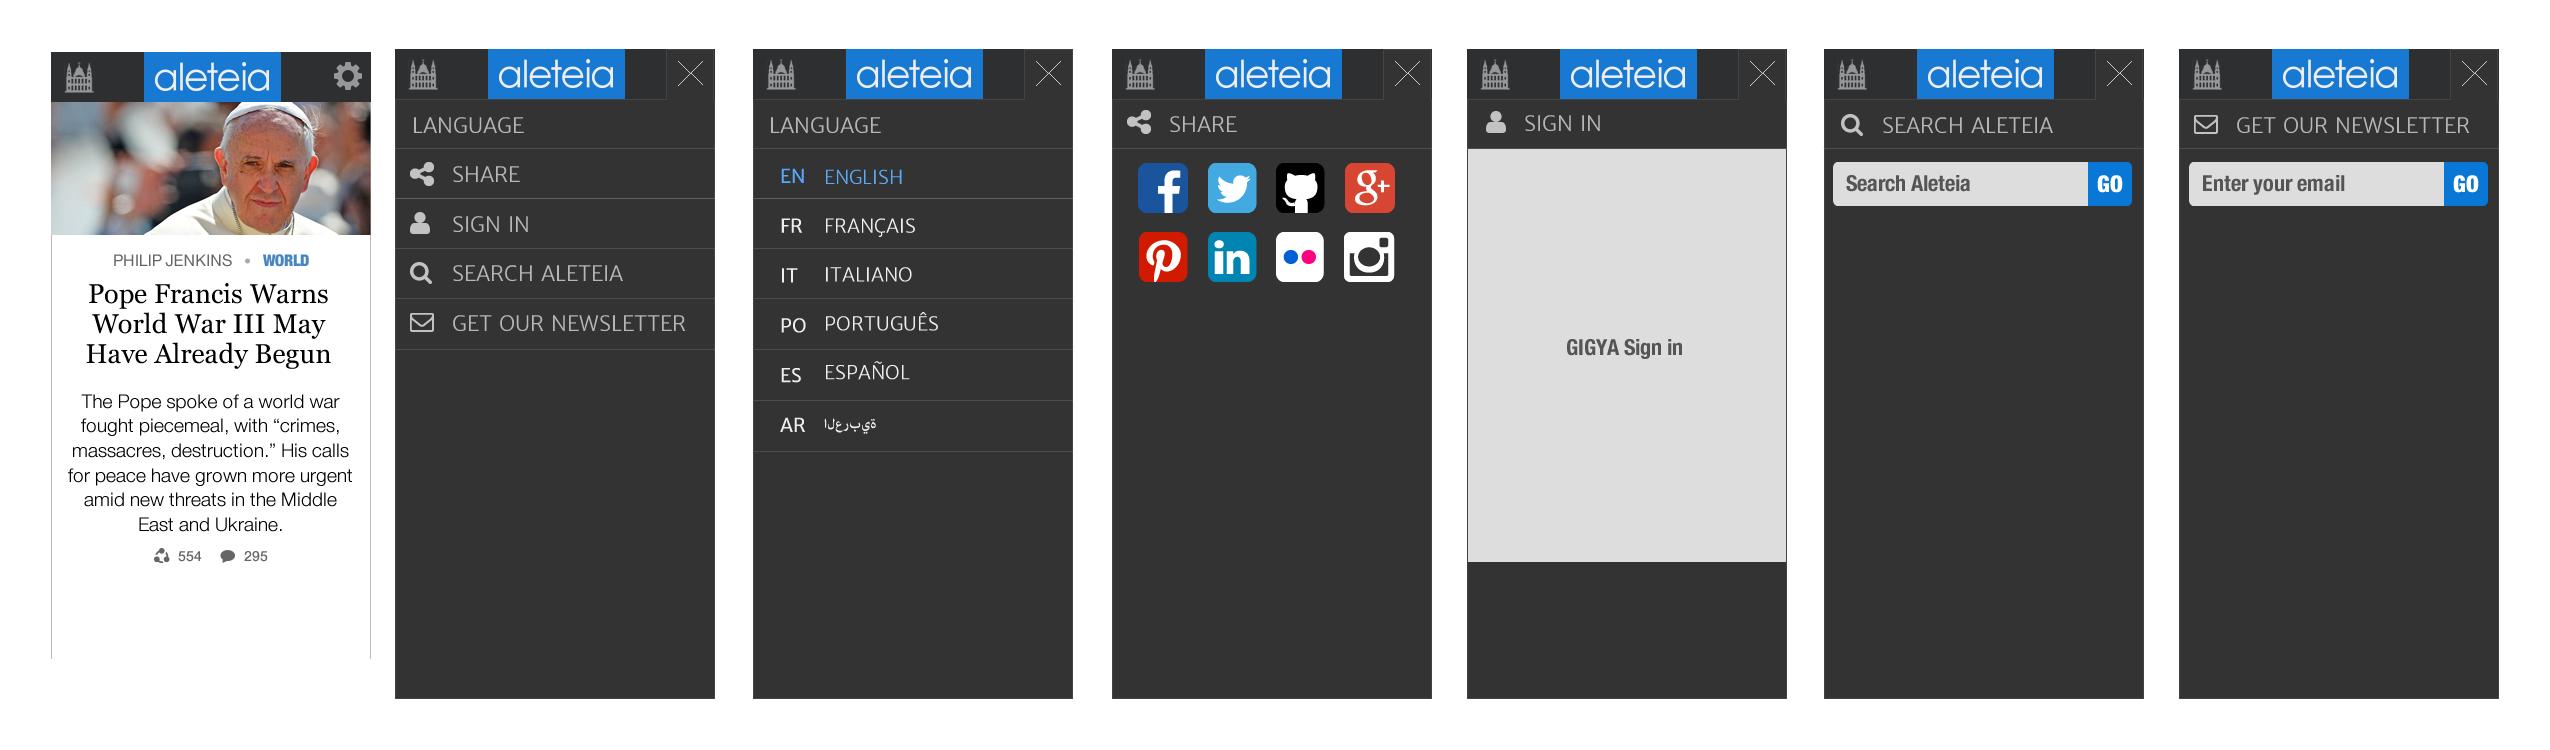 new mobile aleteia